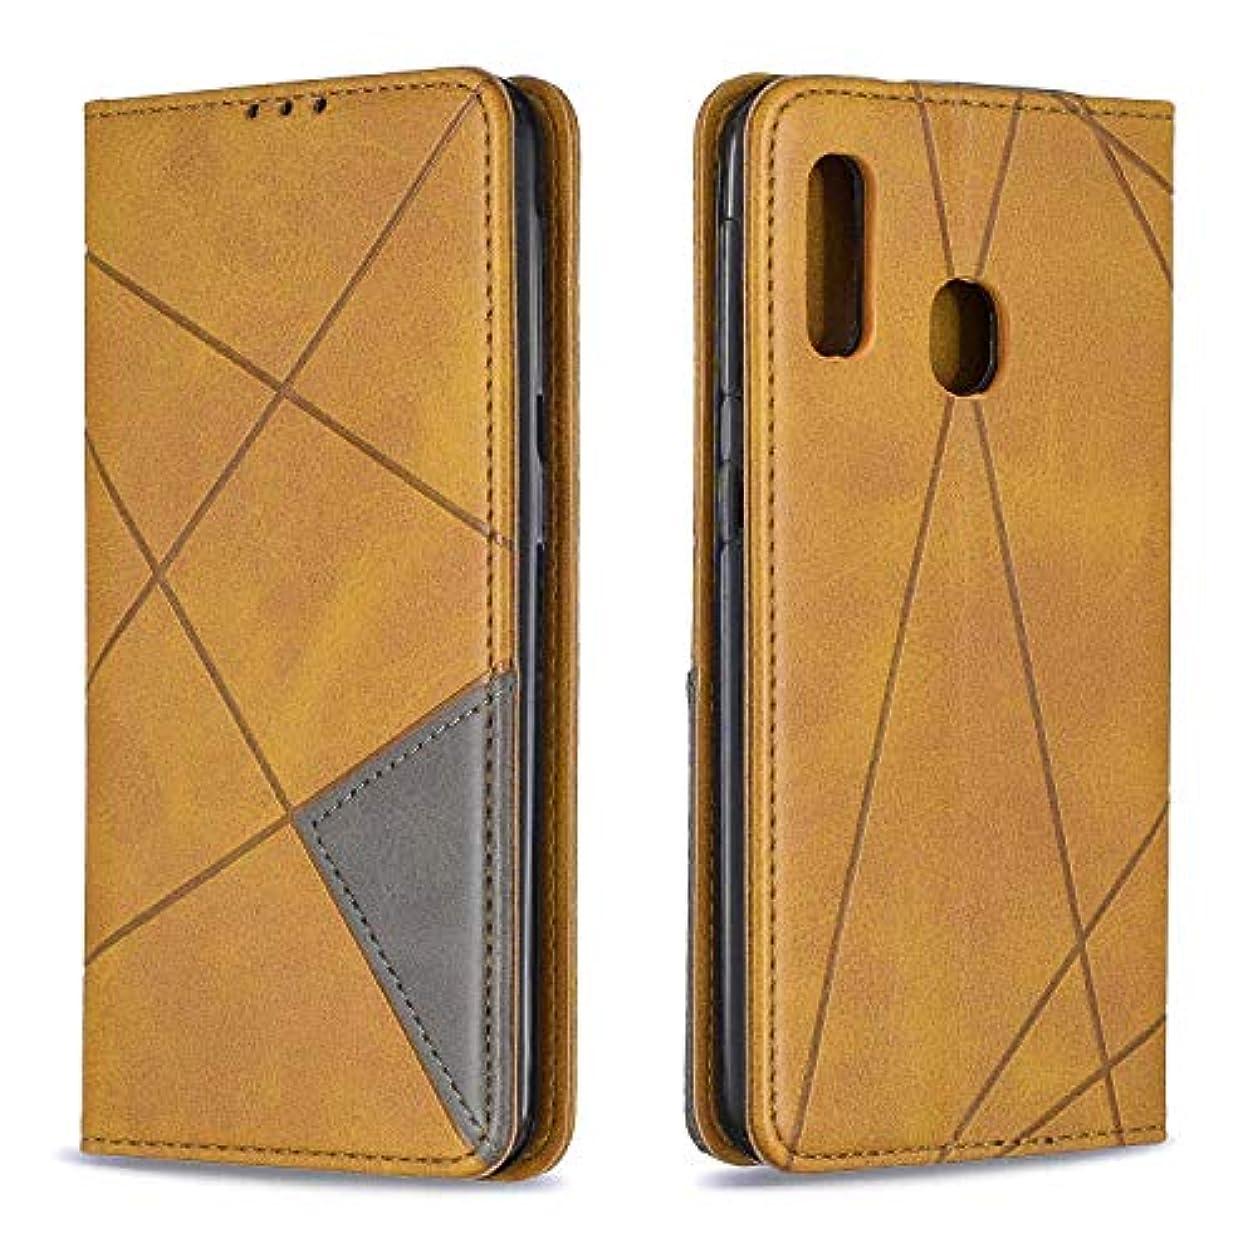 産地もの月CUSKING Galaxy A10e ケース, 高級 Samsung Galaxy A10e 手帳型 スマホケース, PUレザー フリップ ノート型 カード収納 付き保護ケース, イエロー